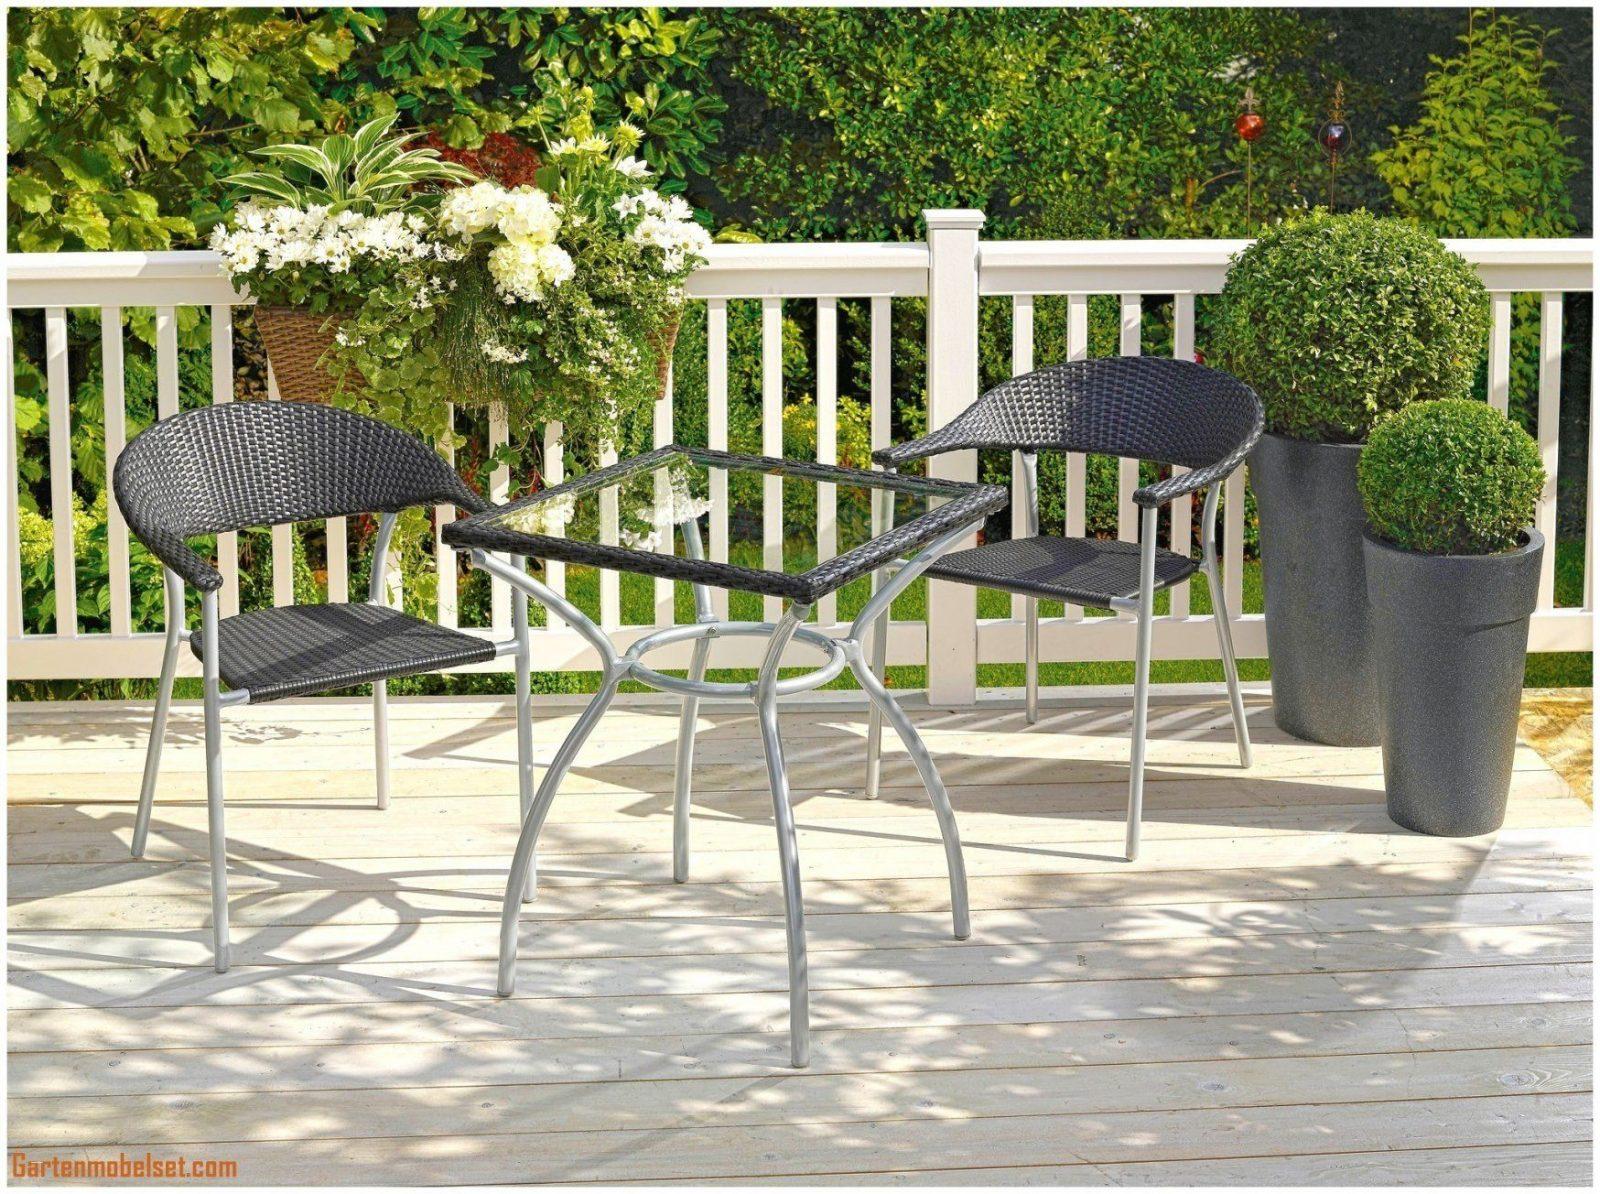 Gartenmöbel Kaufen Einzigartig Gartenmöbel Holland Kaufen von Gartenmöbel In Holland Kaufen Bild